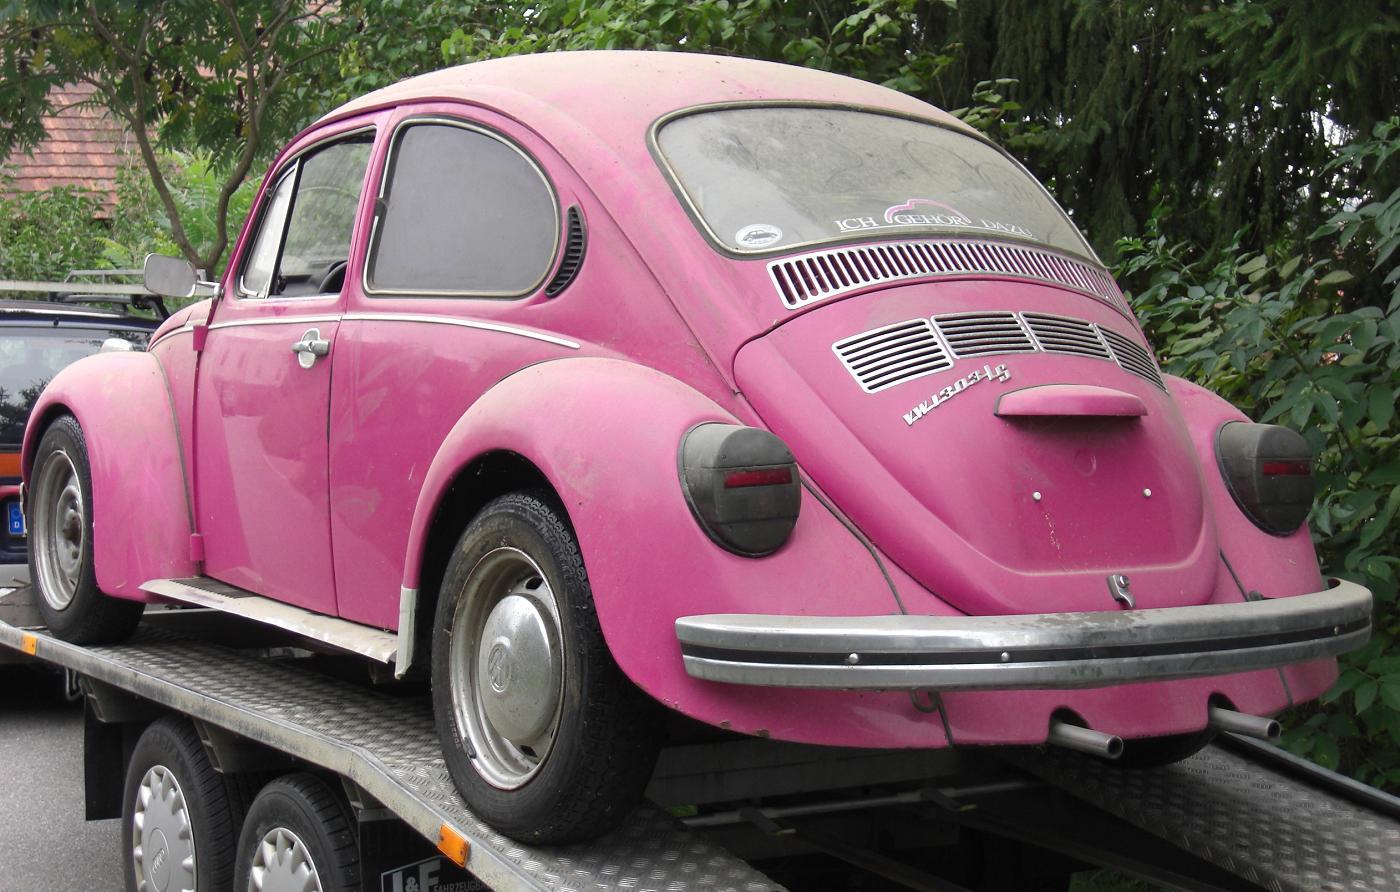 Vw K 228 Fer 1303 Ls Baujahr 1973 Holucar Oldtimerrestaurierung